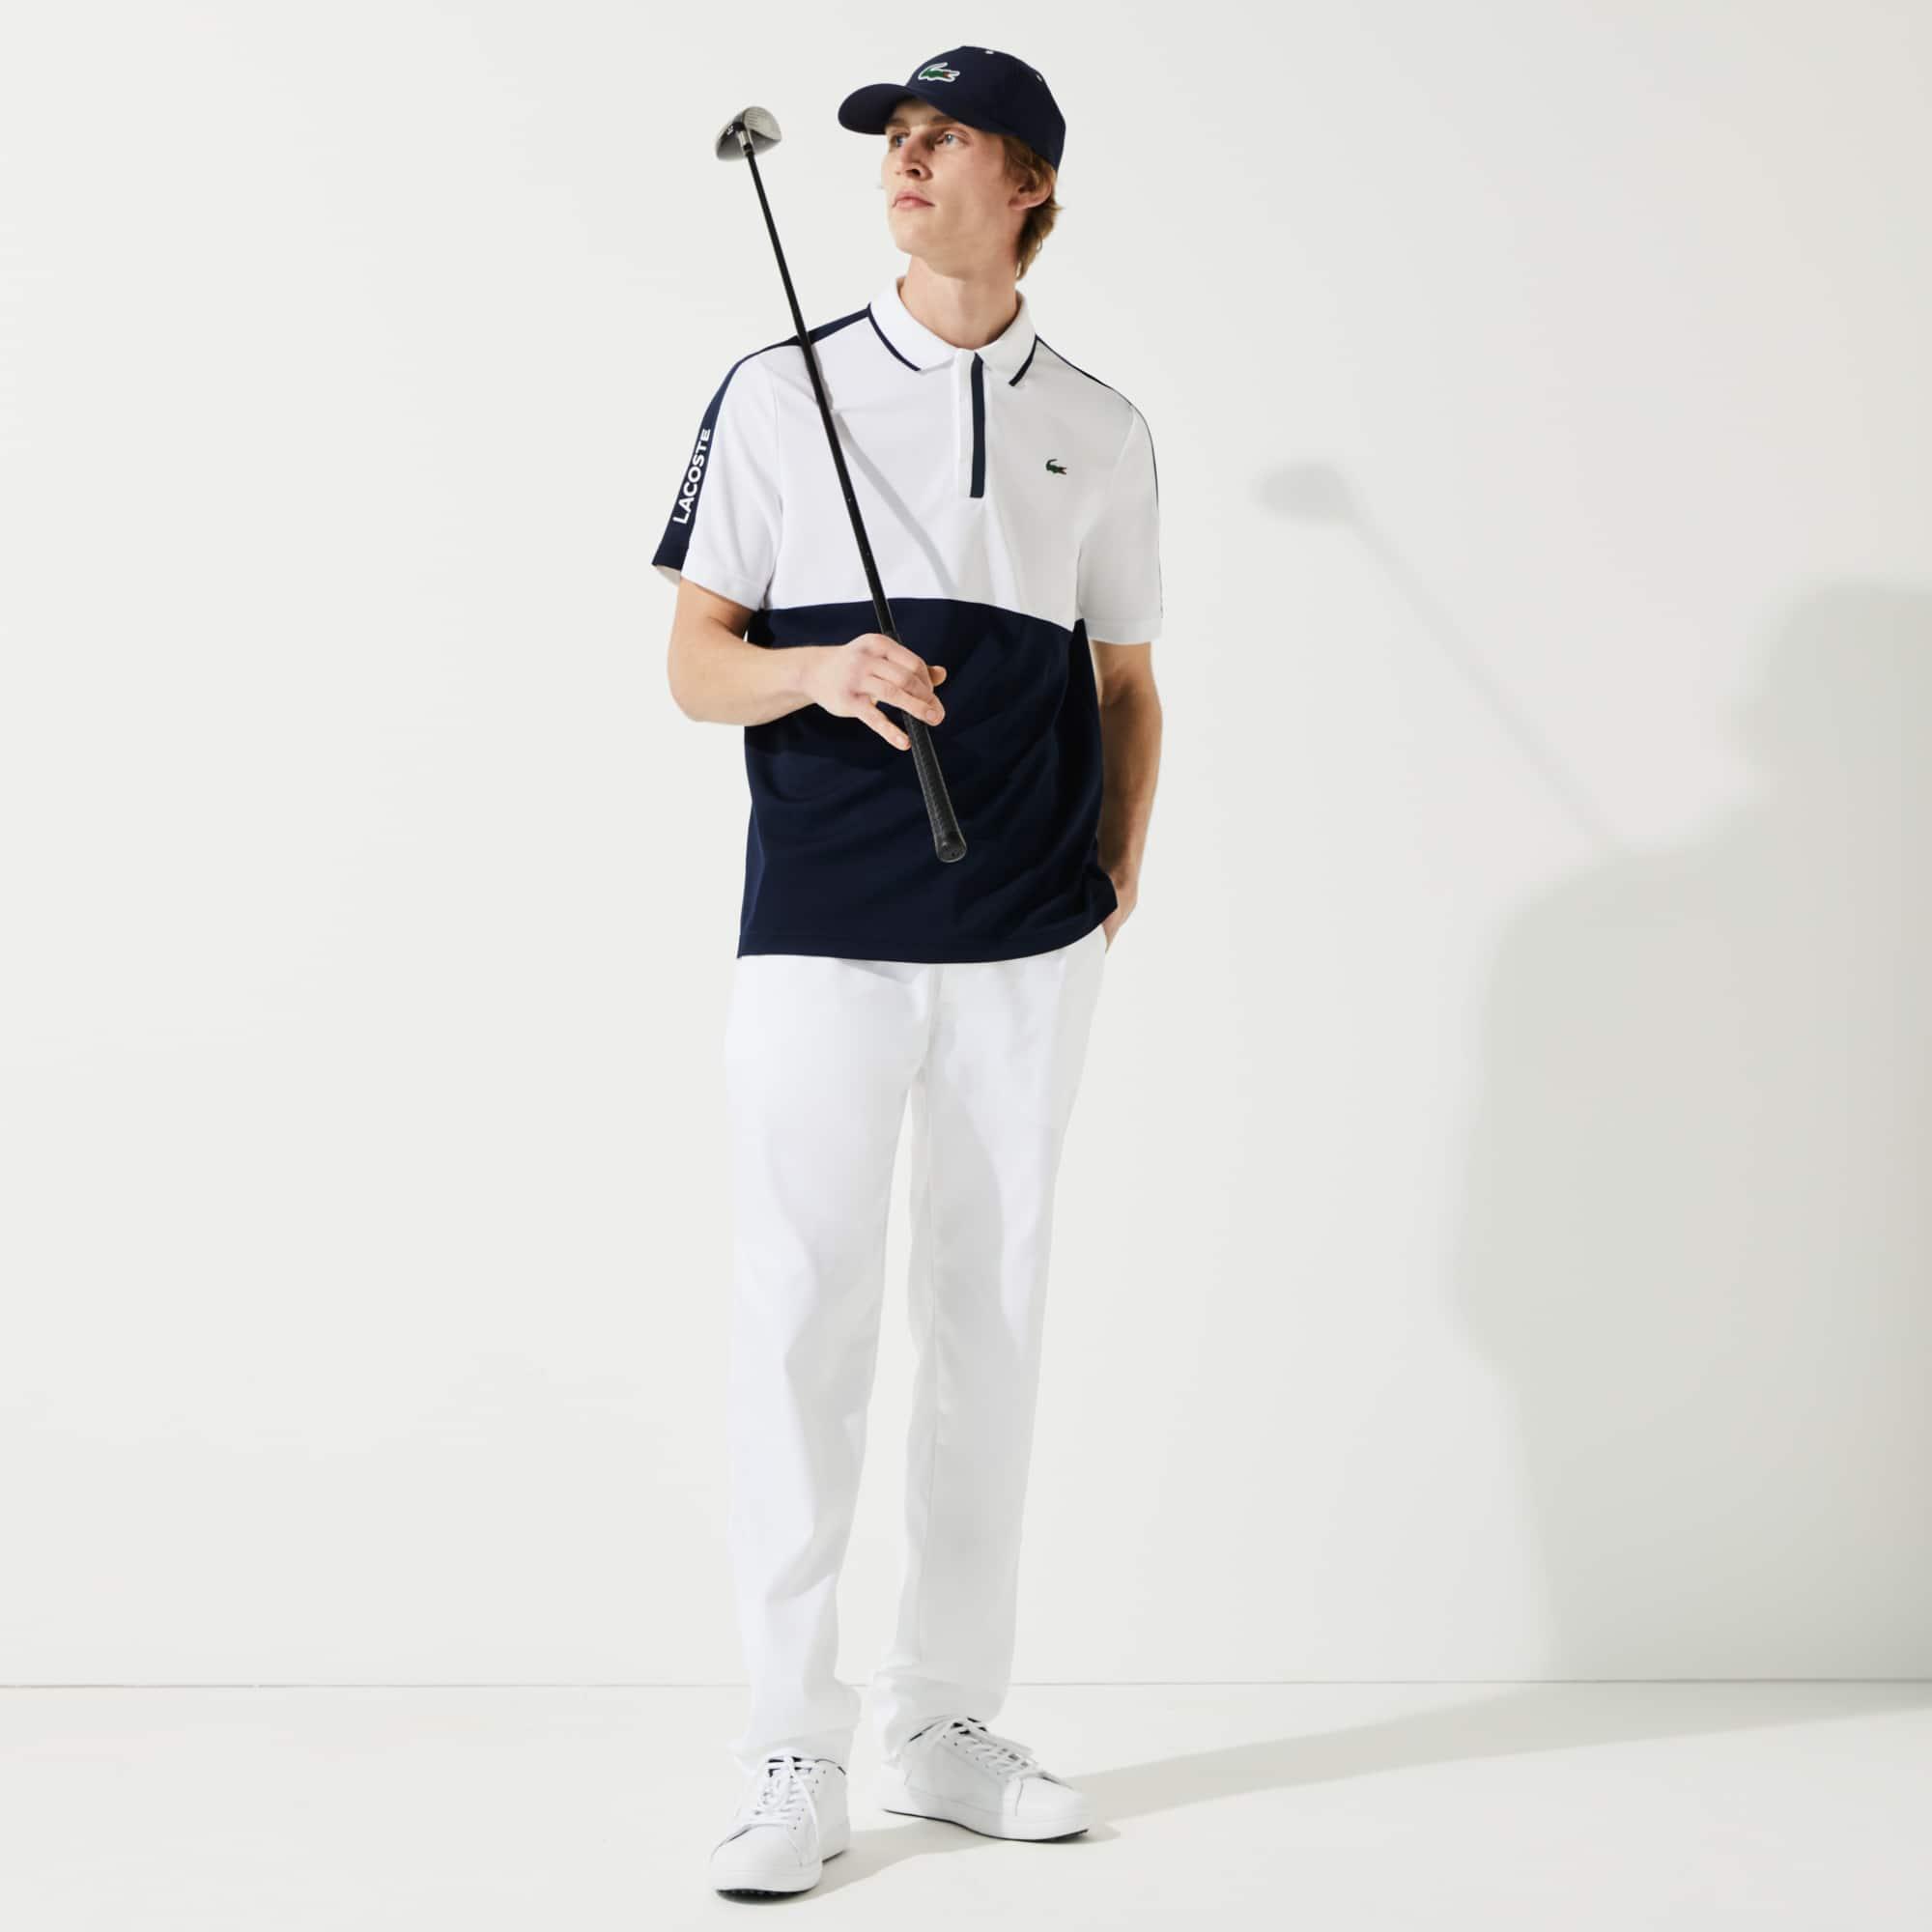 라코스테 Lacoste Men's SPORT Breathable Honeycomb-Knit Golf Polo Shirt